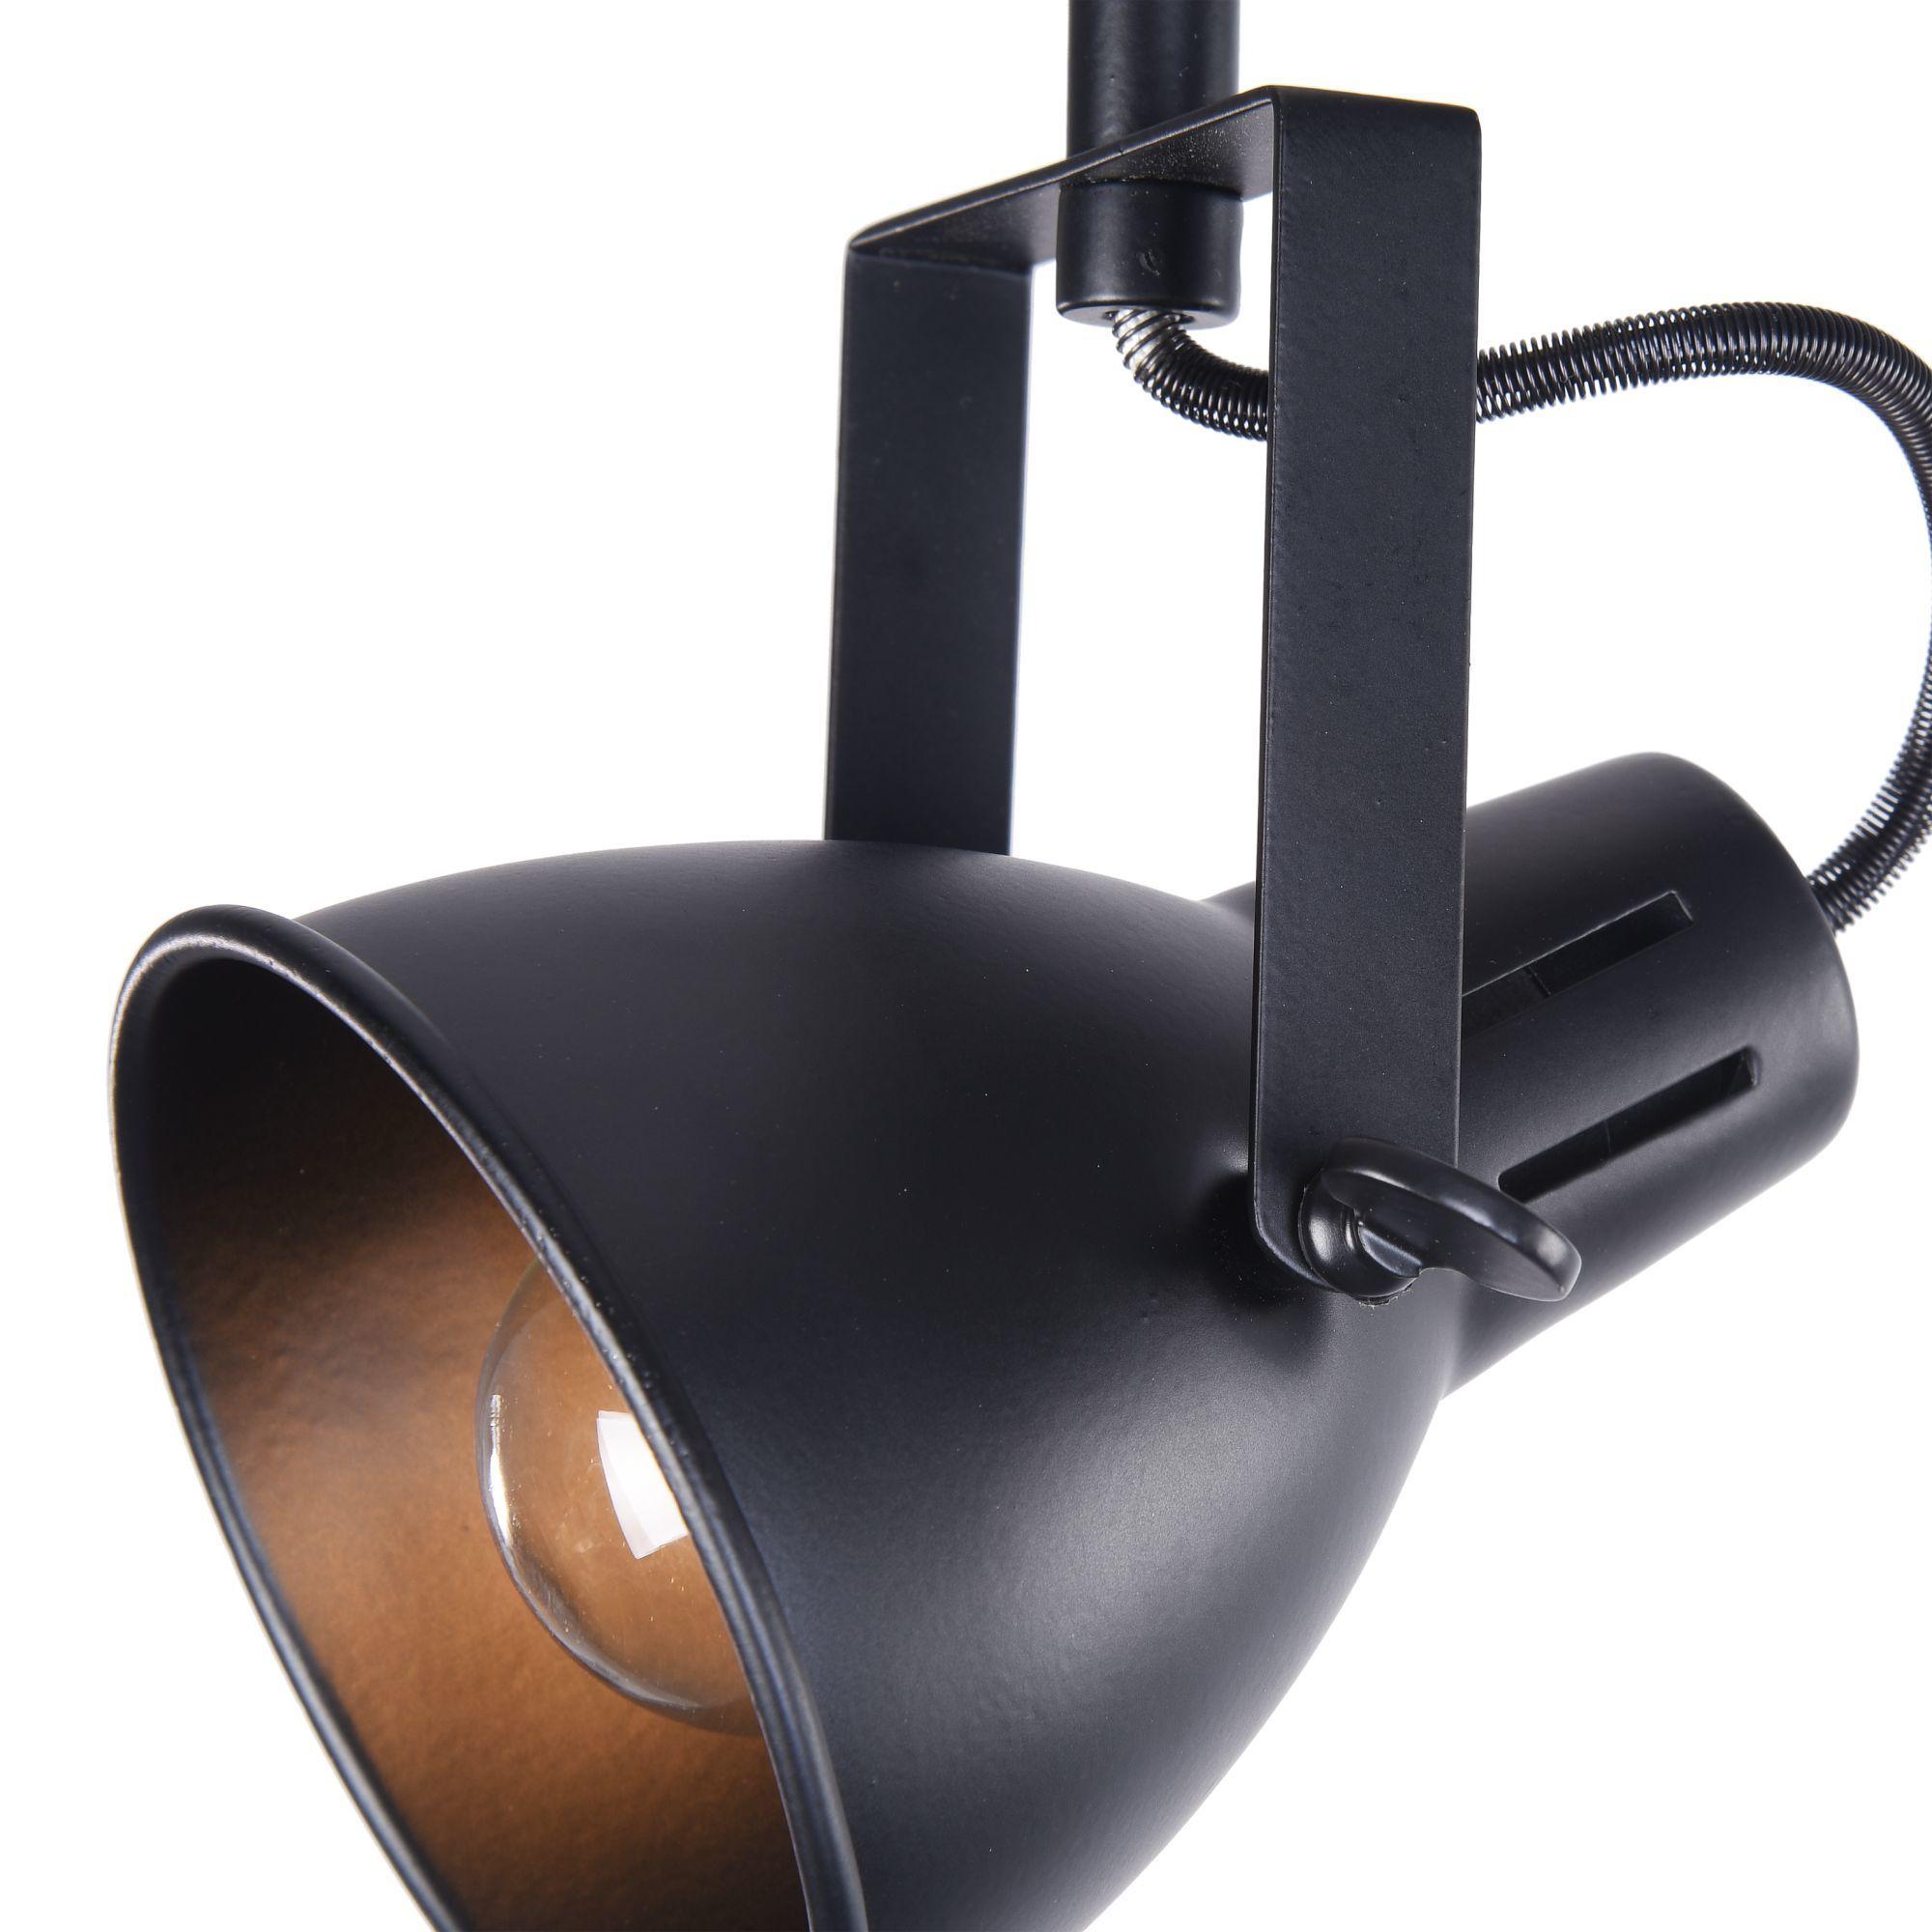 Потолочный светильник с регулировкой направления света Freya Ibbi FR4276-CW-02-B, 2xE14x40W, черный, металл - фото 4